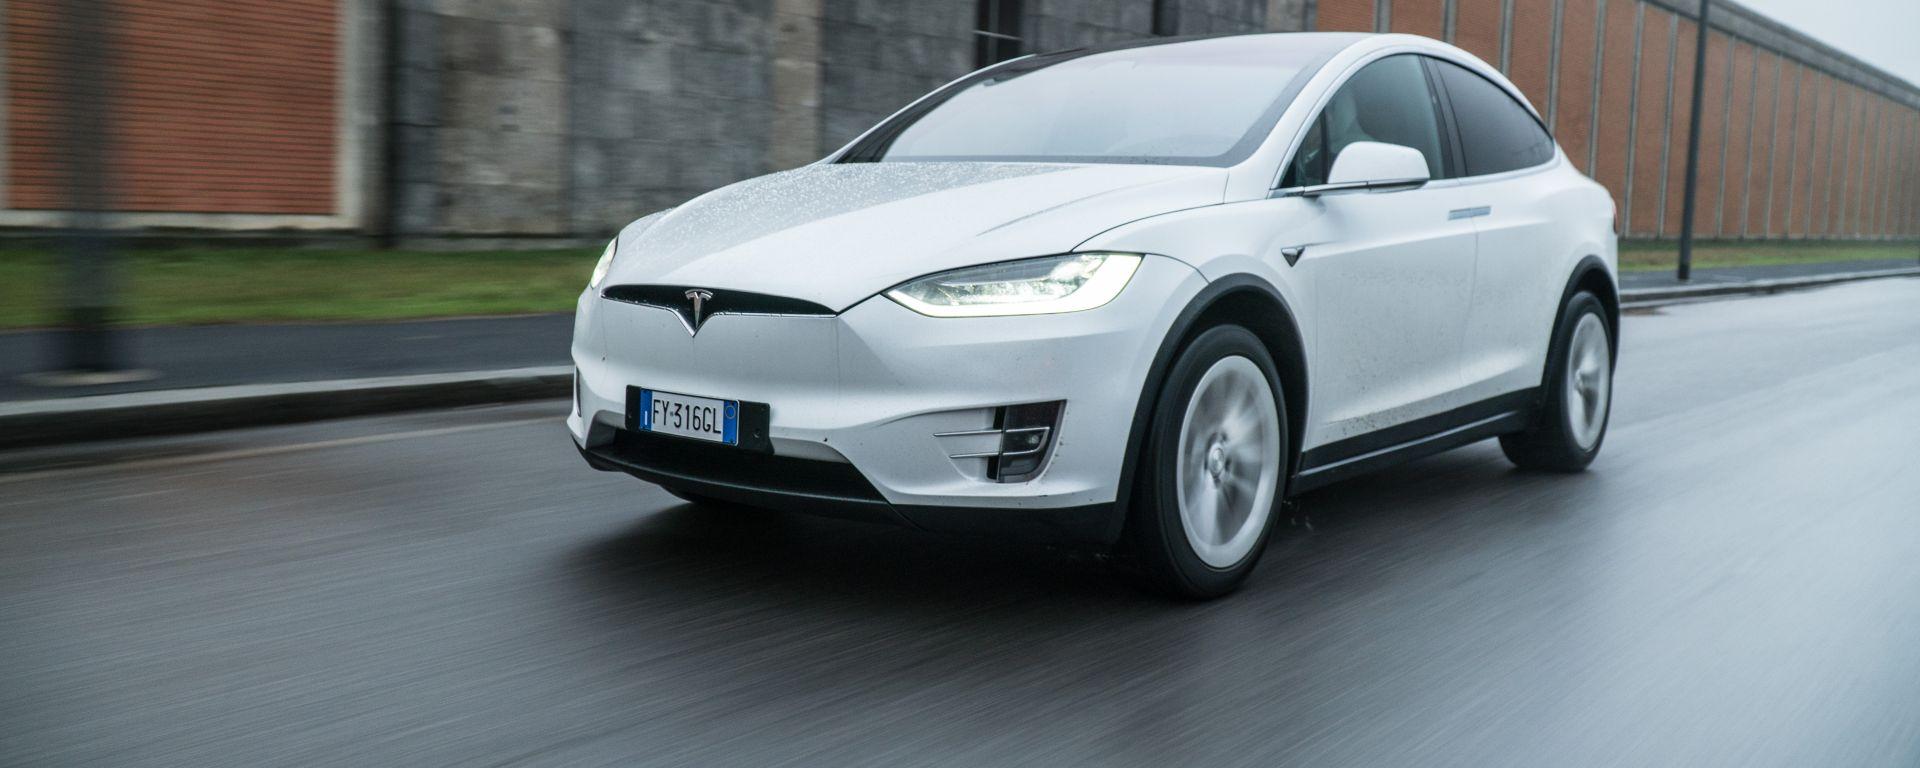 Tesla Model X Long Range: alla prova verità dei consumi di energia